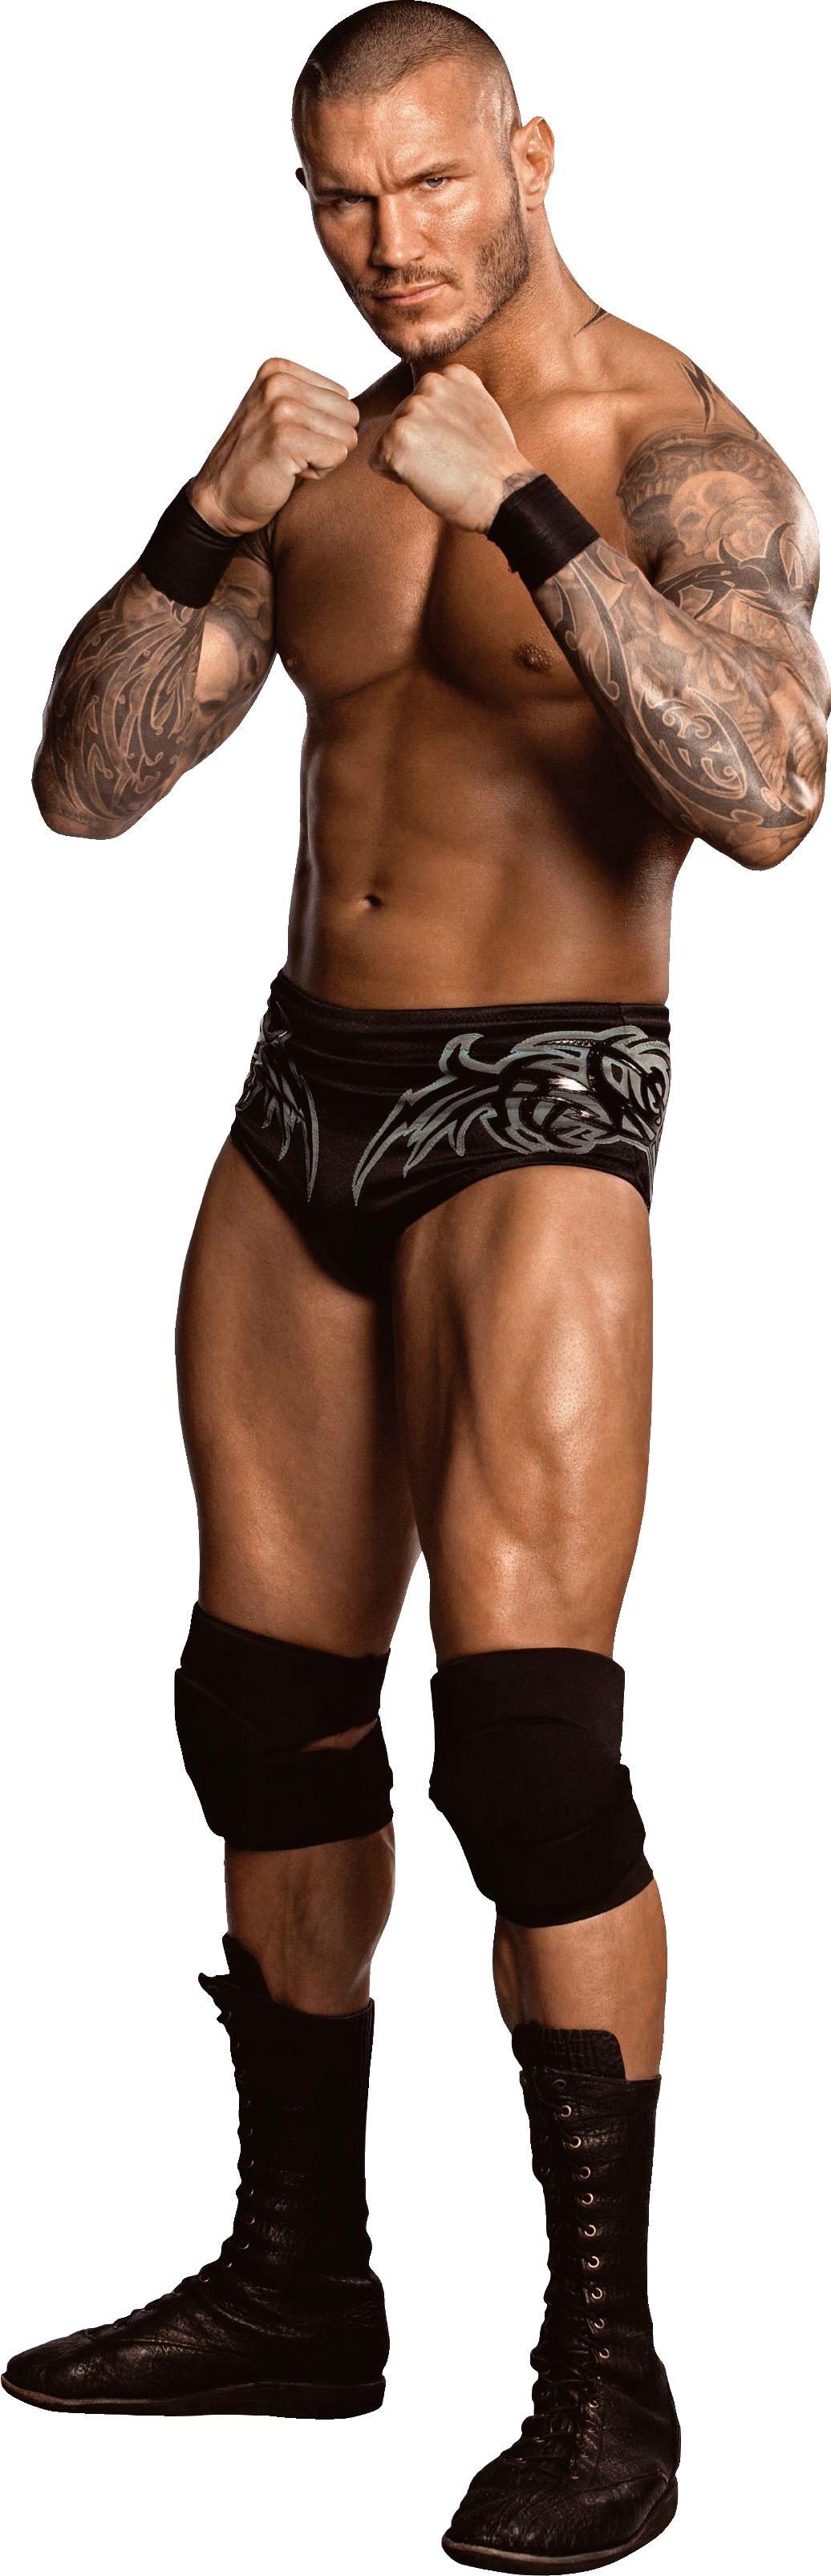 Randy Orton PNG - 13873